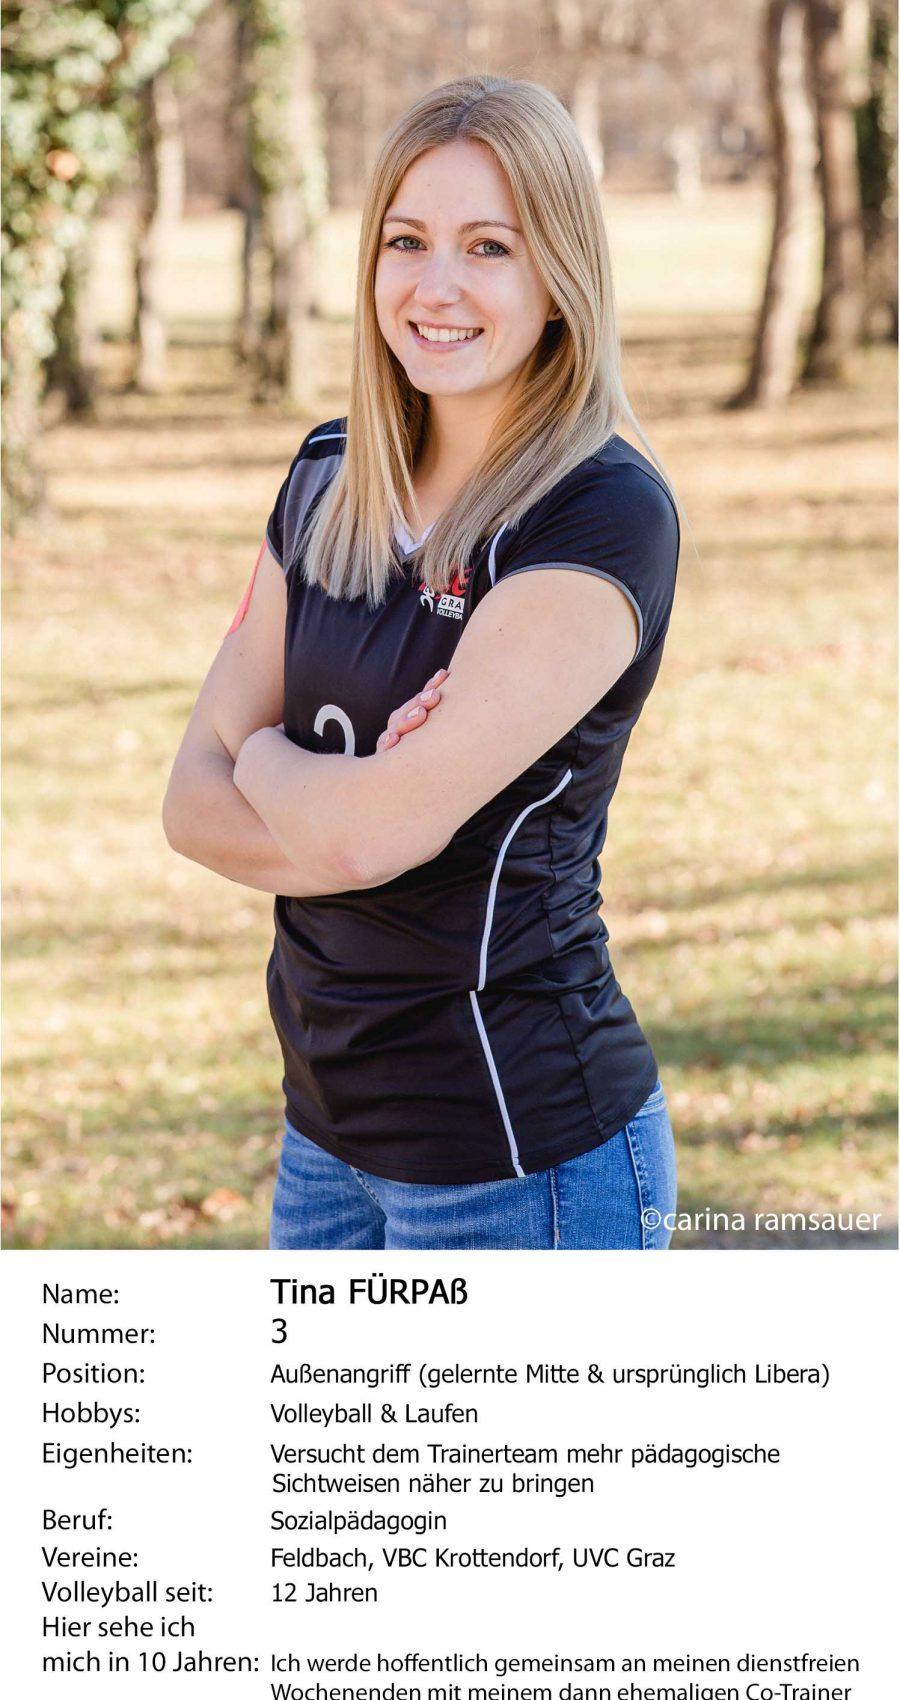 Tina FÜRPAß